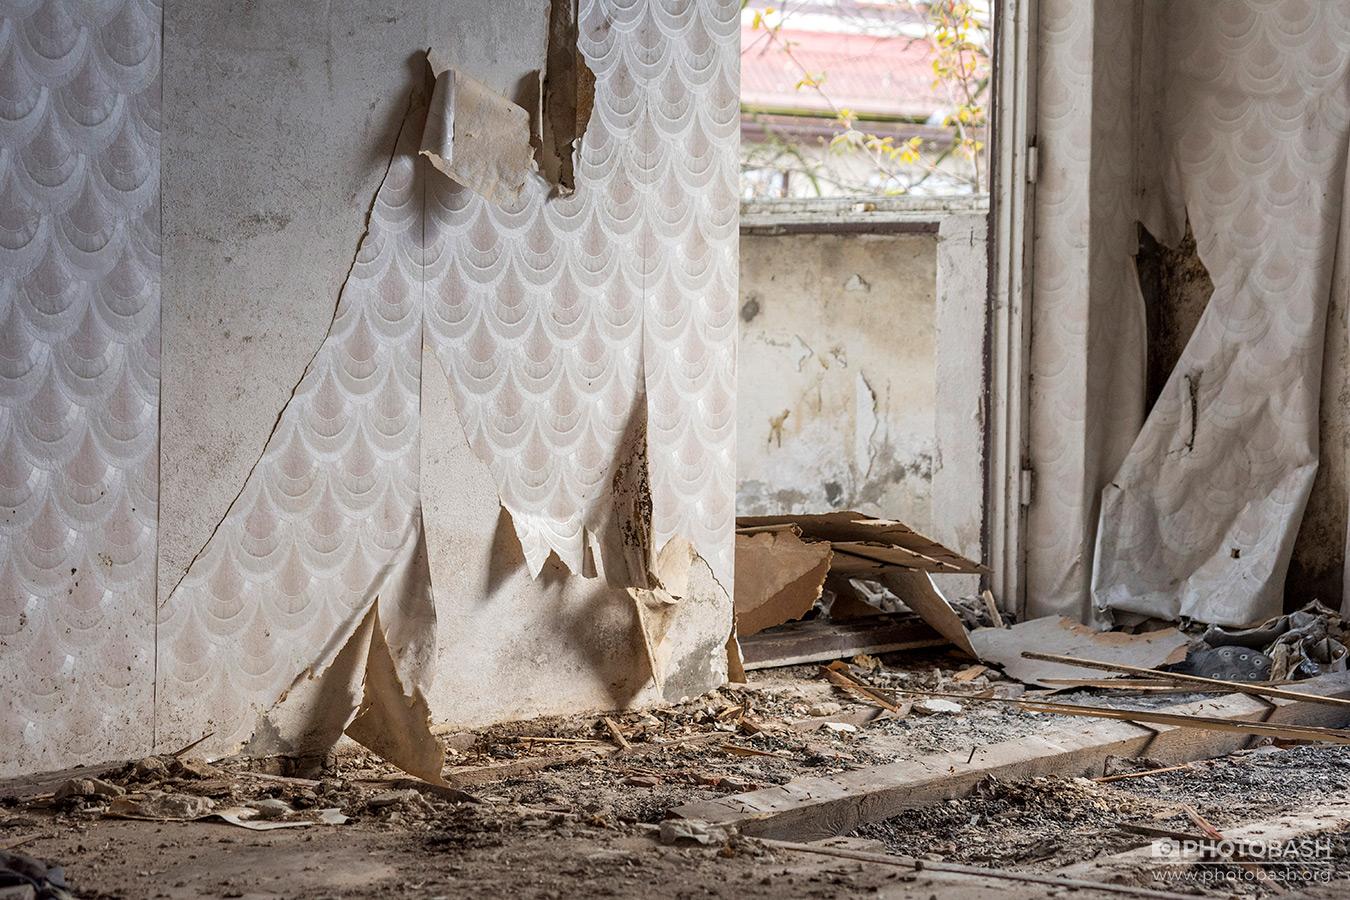 Abandoned-Interiors-Derelict-Wallpaper.jpg